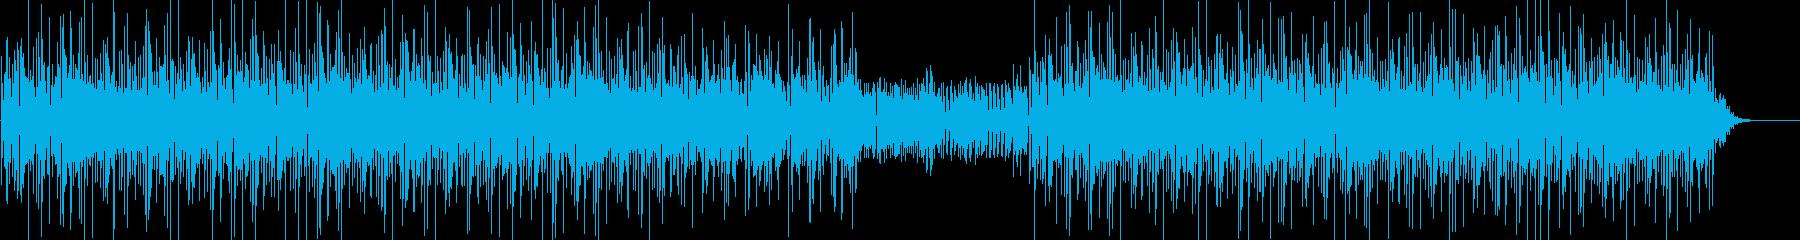 ファンキーなベースが印象的な曲の再生済みの波形